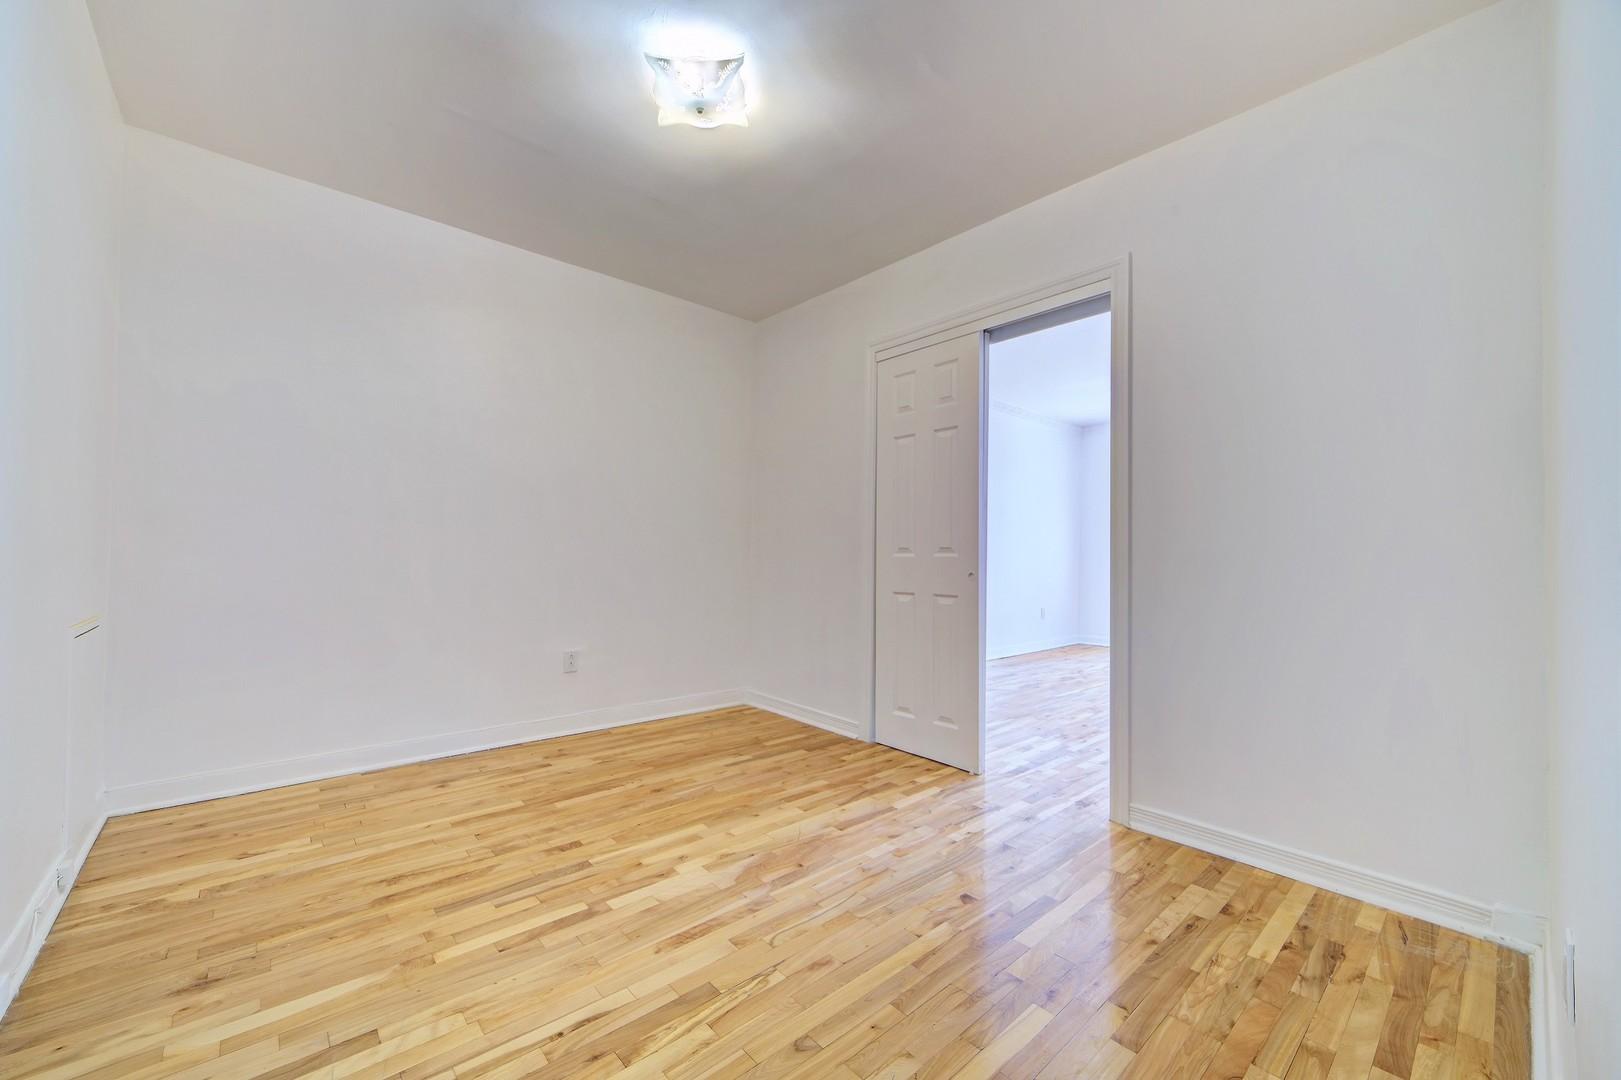 image 6 - Apartment - For rent - Montréal  (Mercier) - 4 rooms